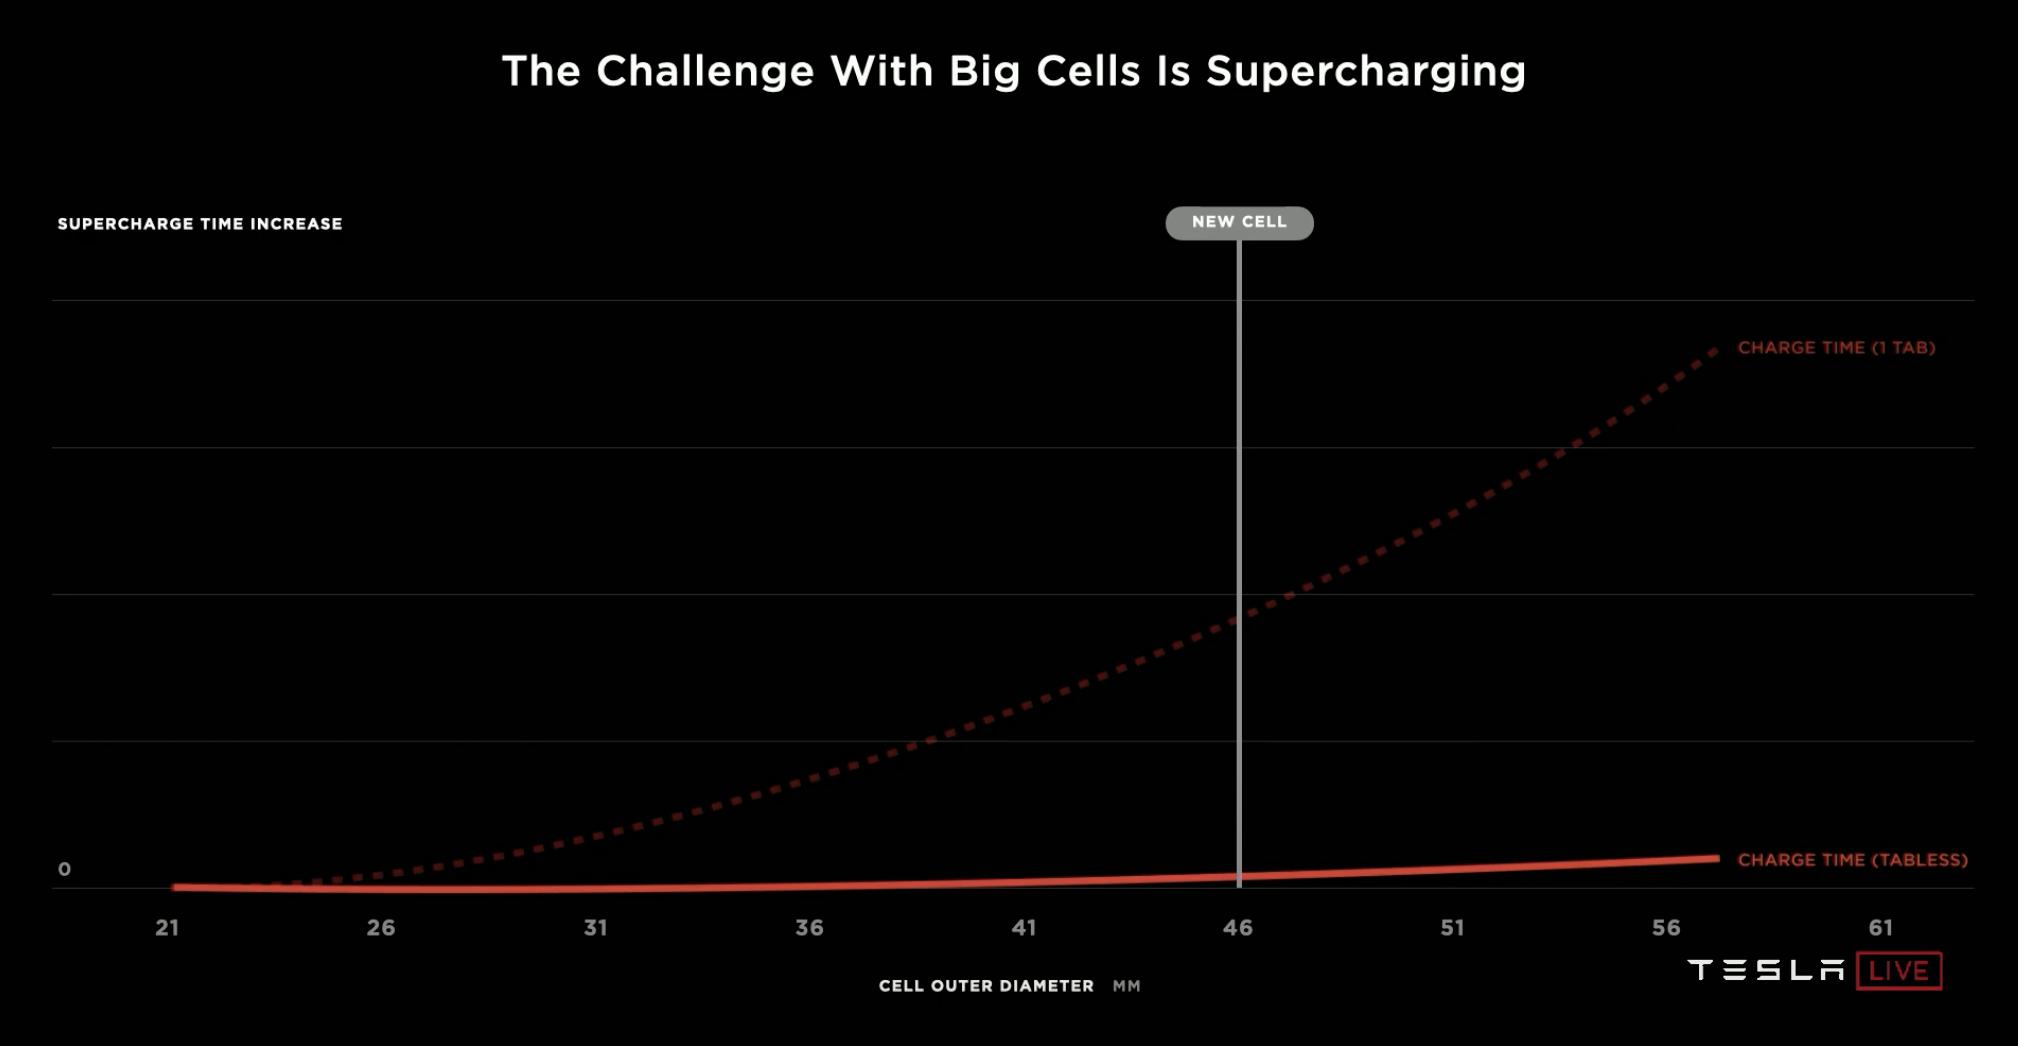 tesla-challenge-large-cell-supercharging